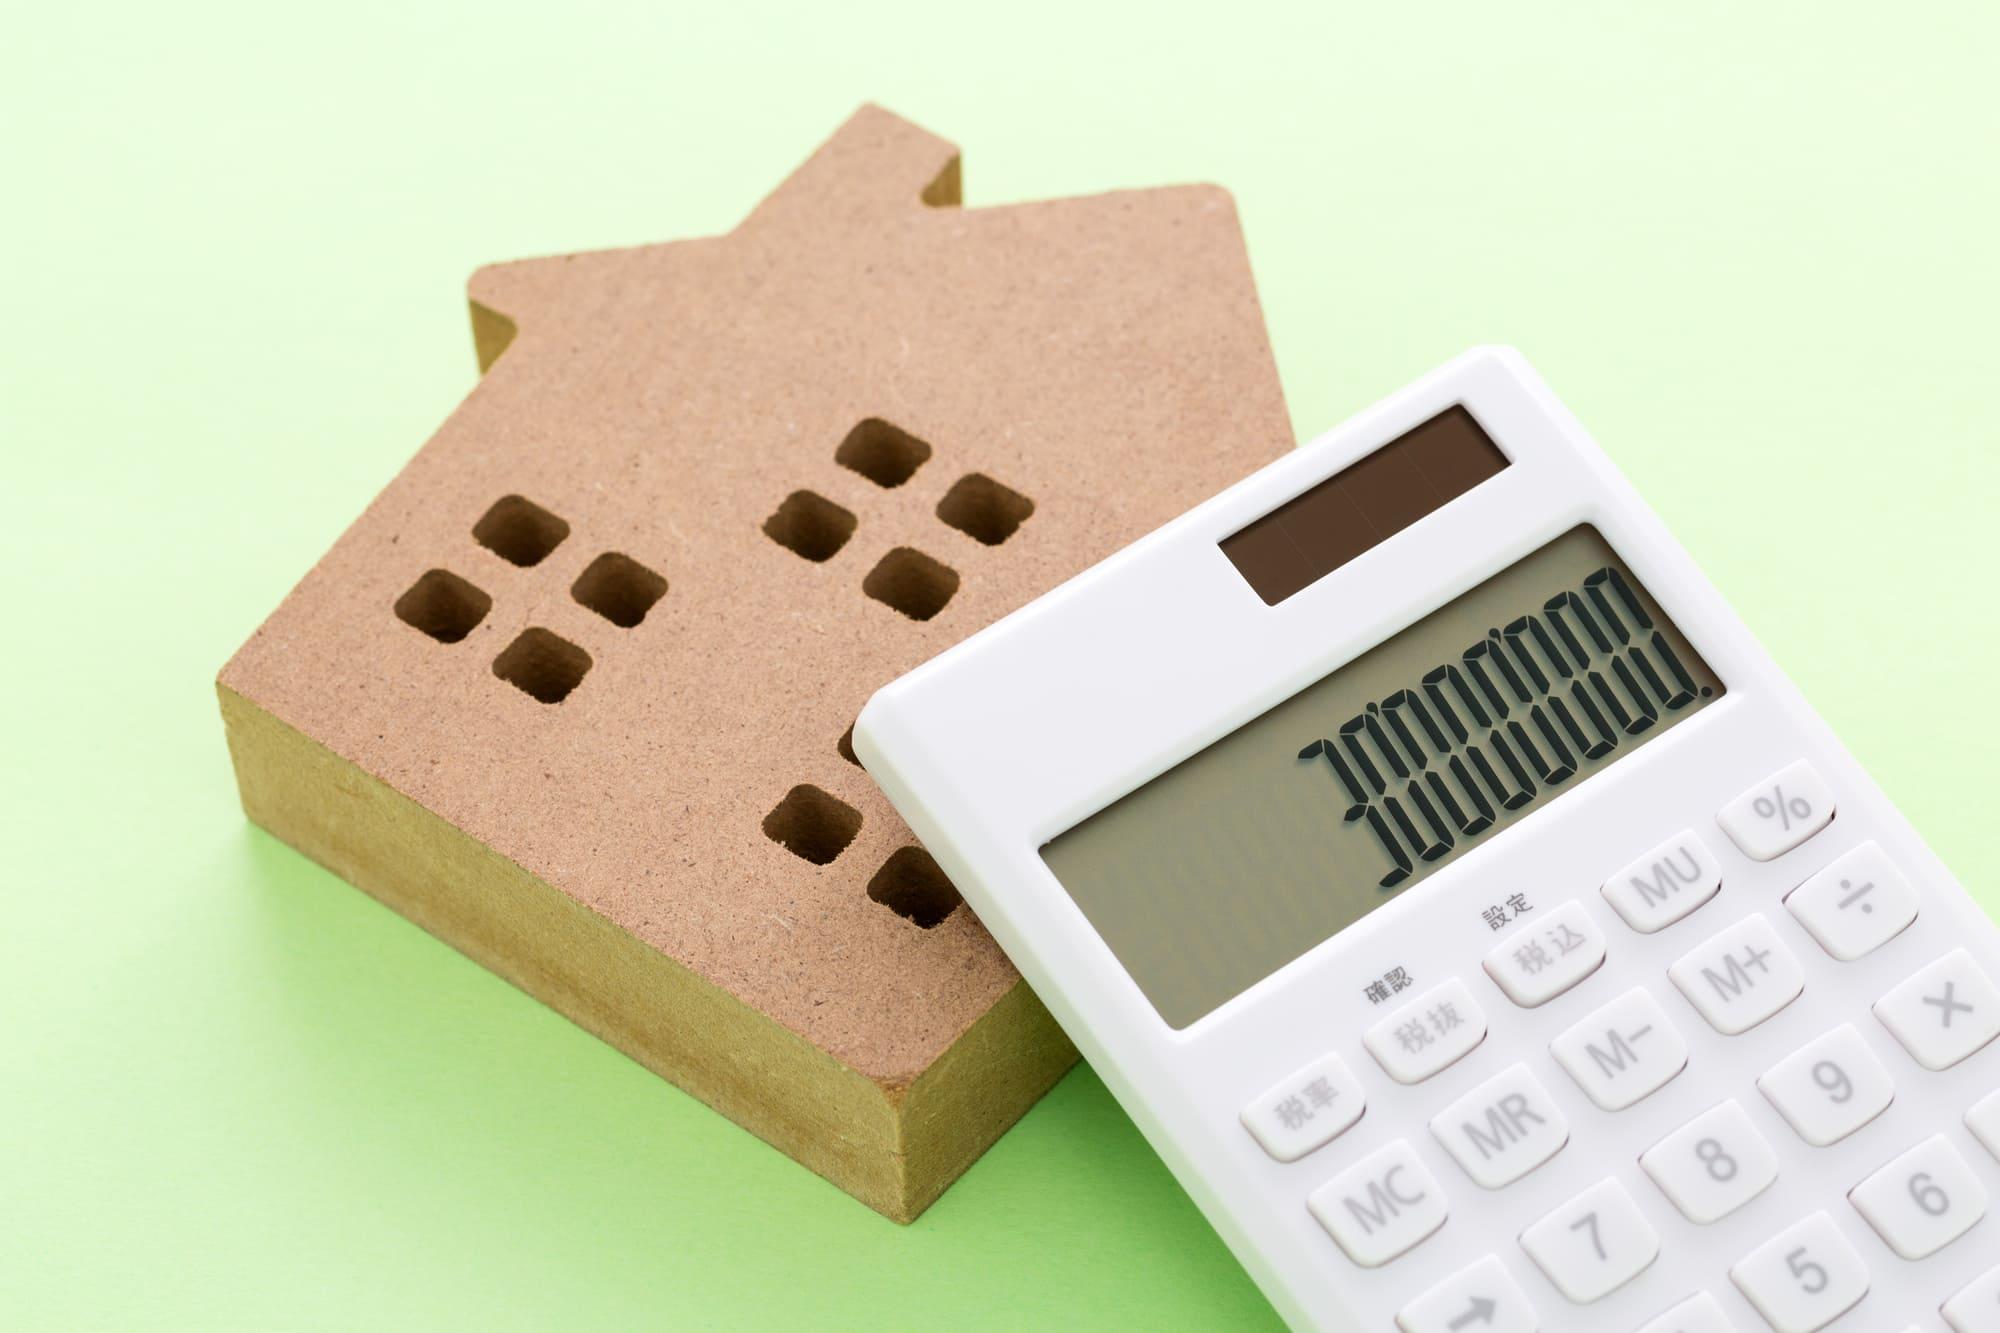 住宅ローンの借入可能額は?安定して返済を続けられる借入額の決め方